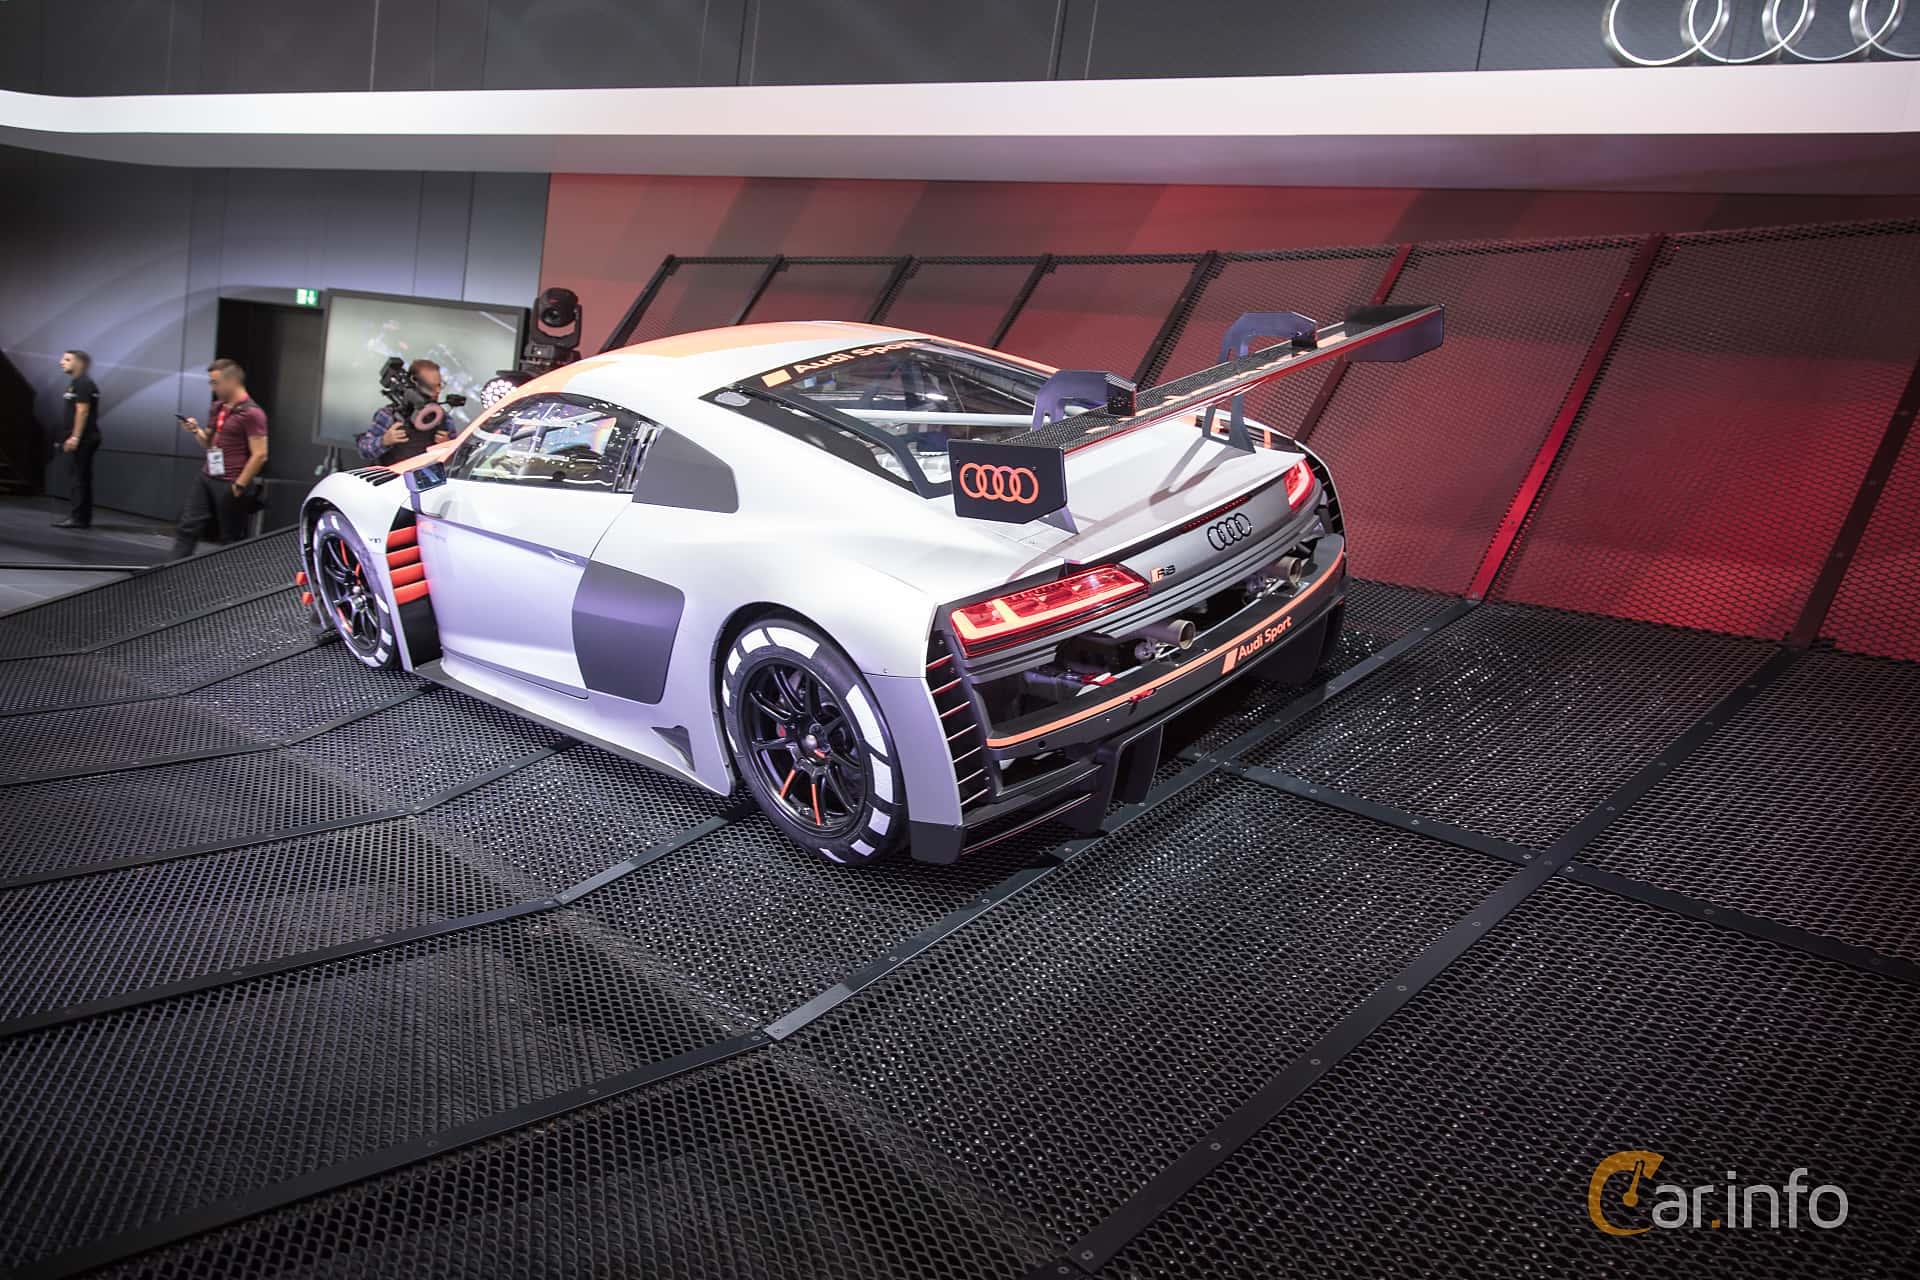 Audi R8 LMS 5.2 V10 FSI quattro Sequential, 585hp, 2018 at Paris Motor Show 2018